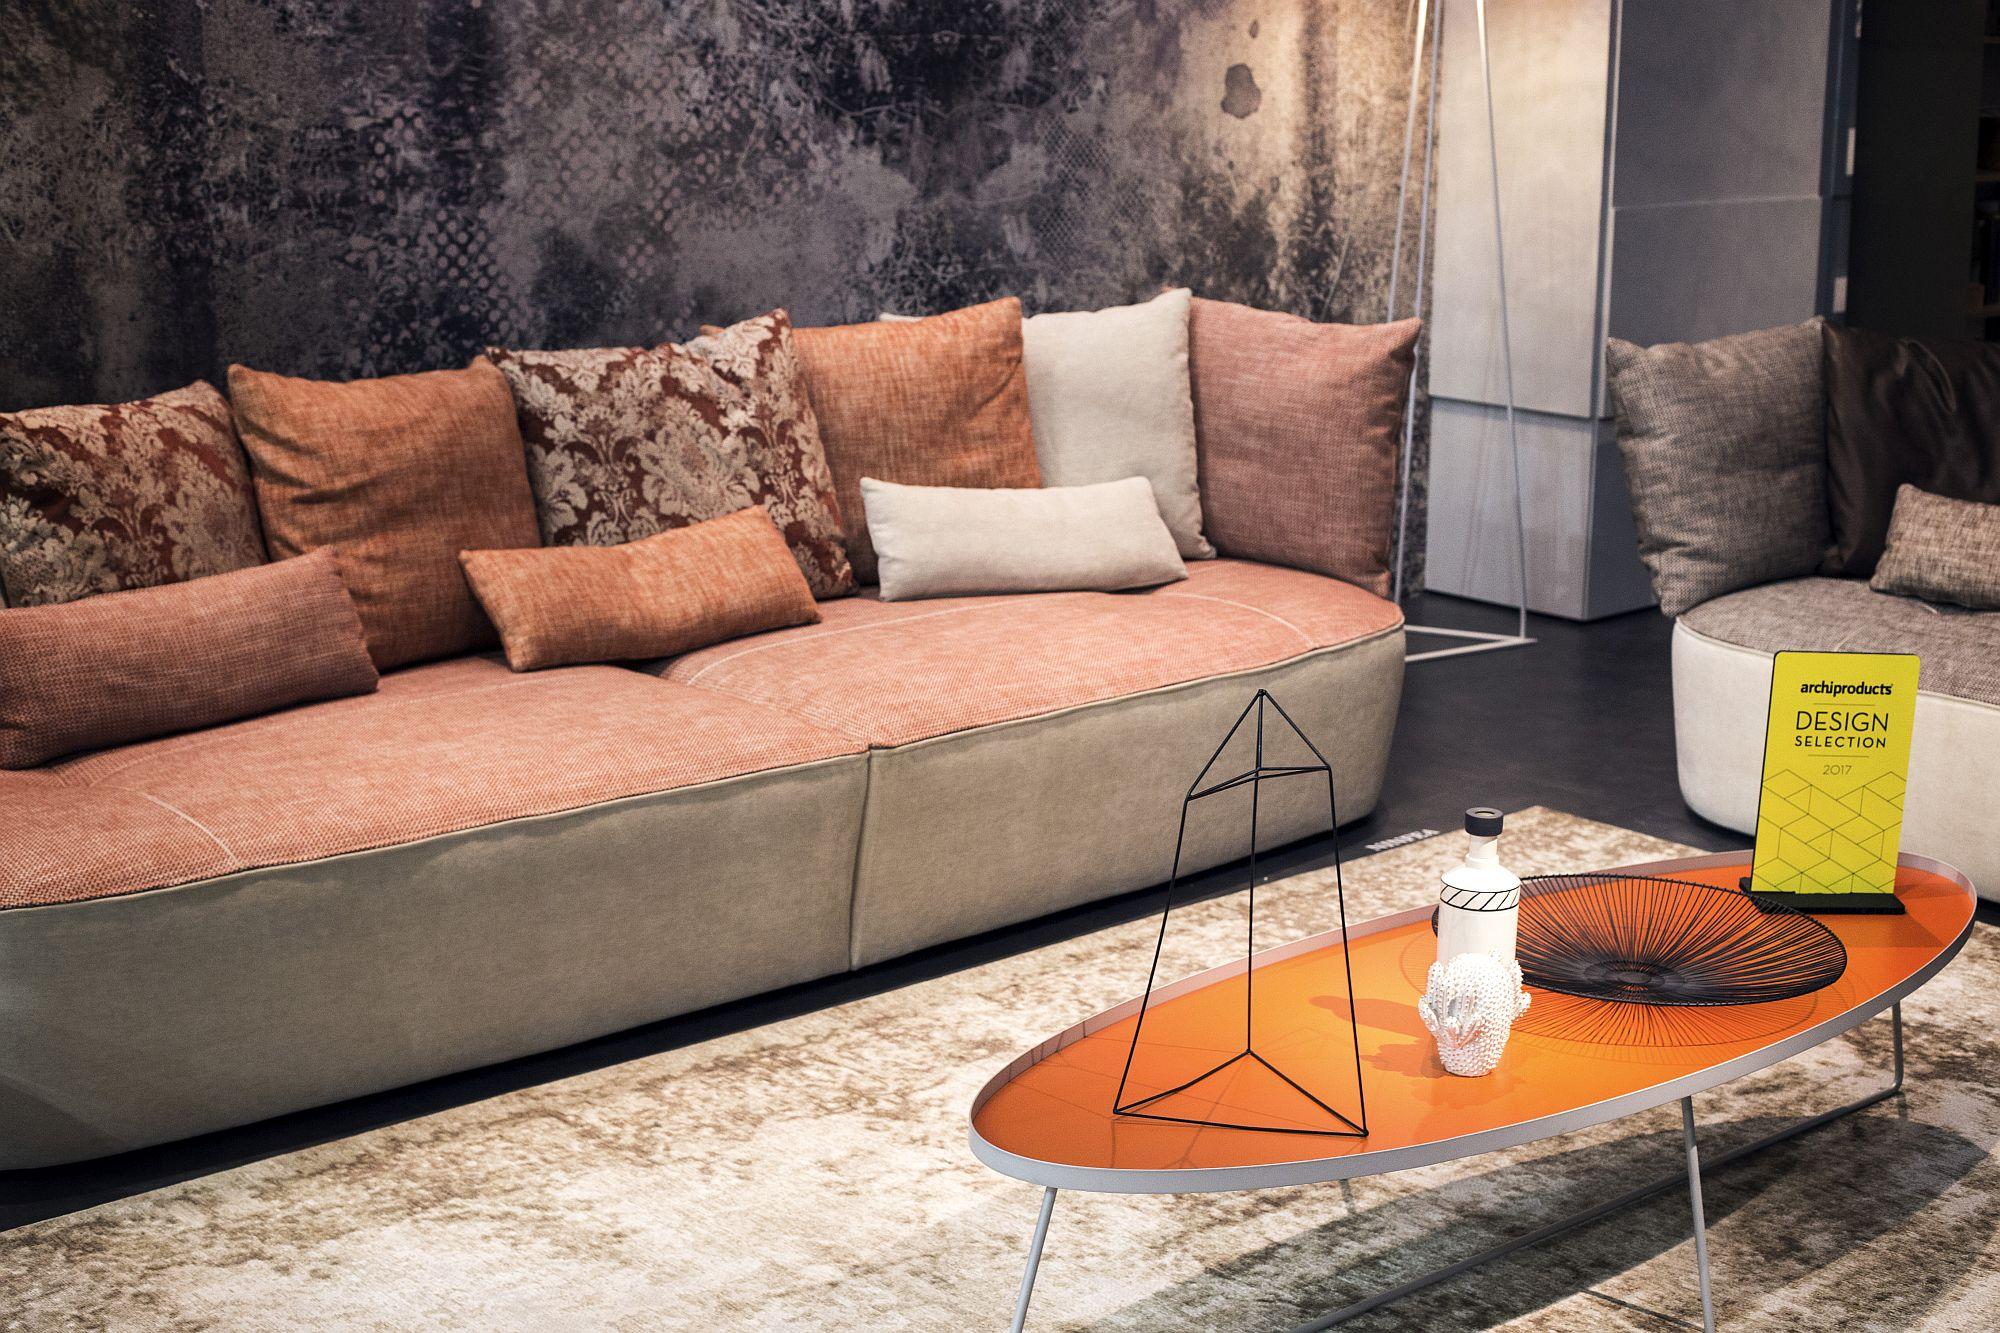 Orange Living Room Furniture Trend Spotting A Splash Of Orange Adds Spunk To Your Home